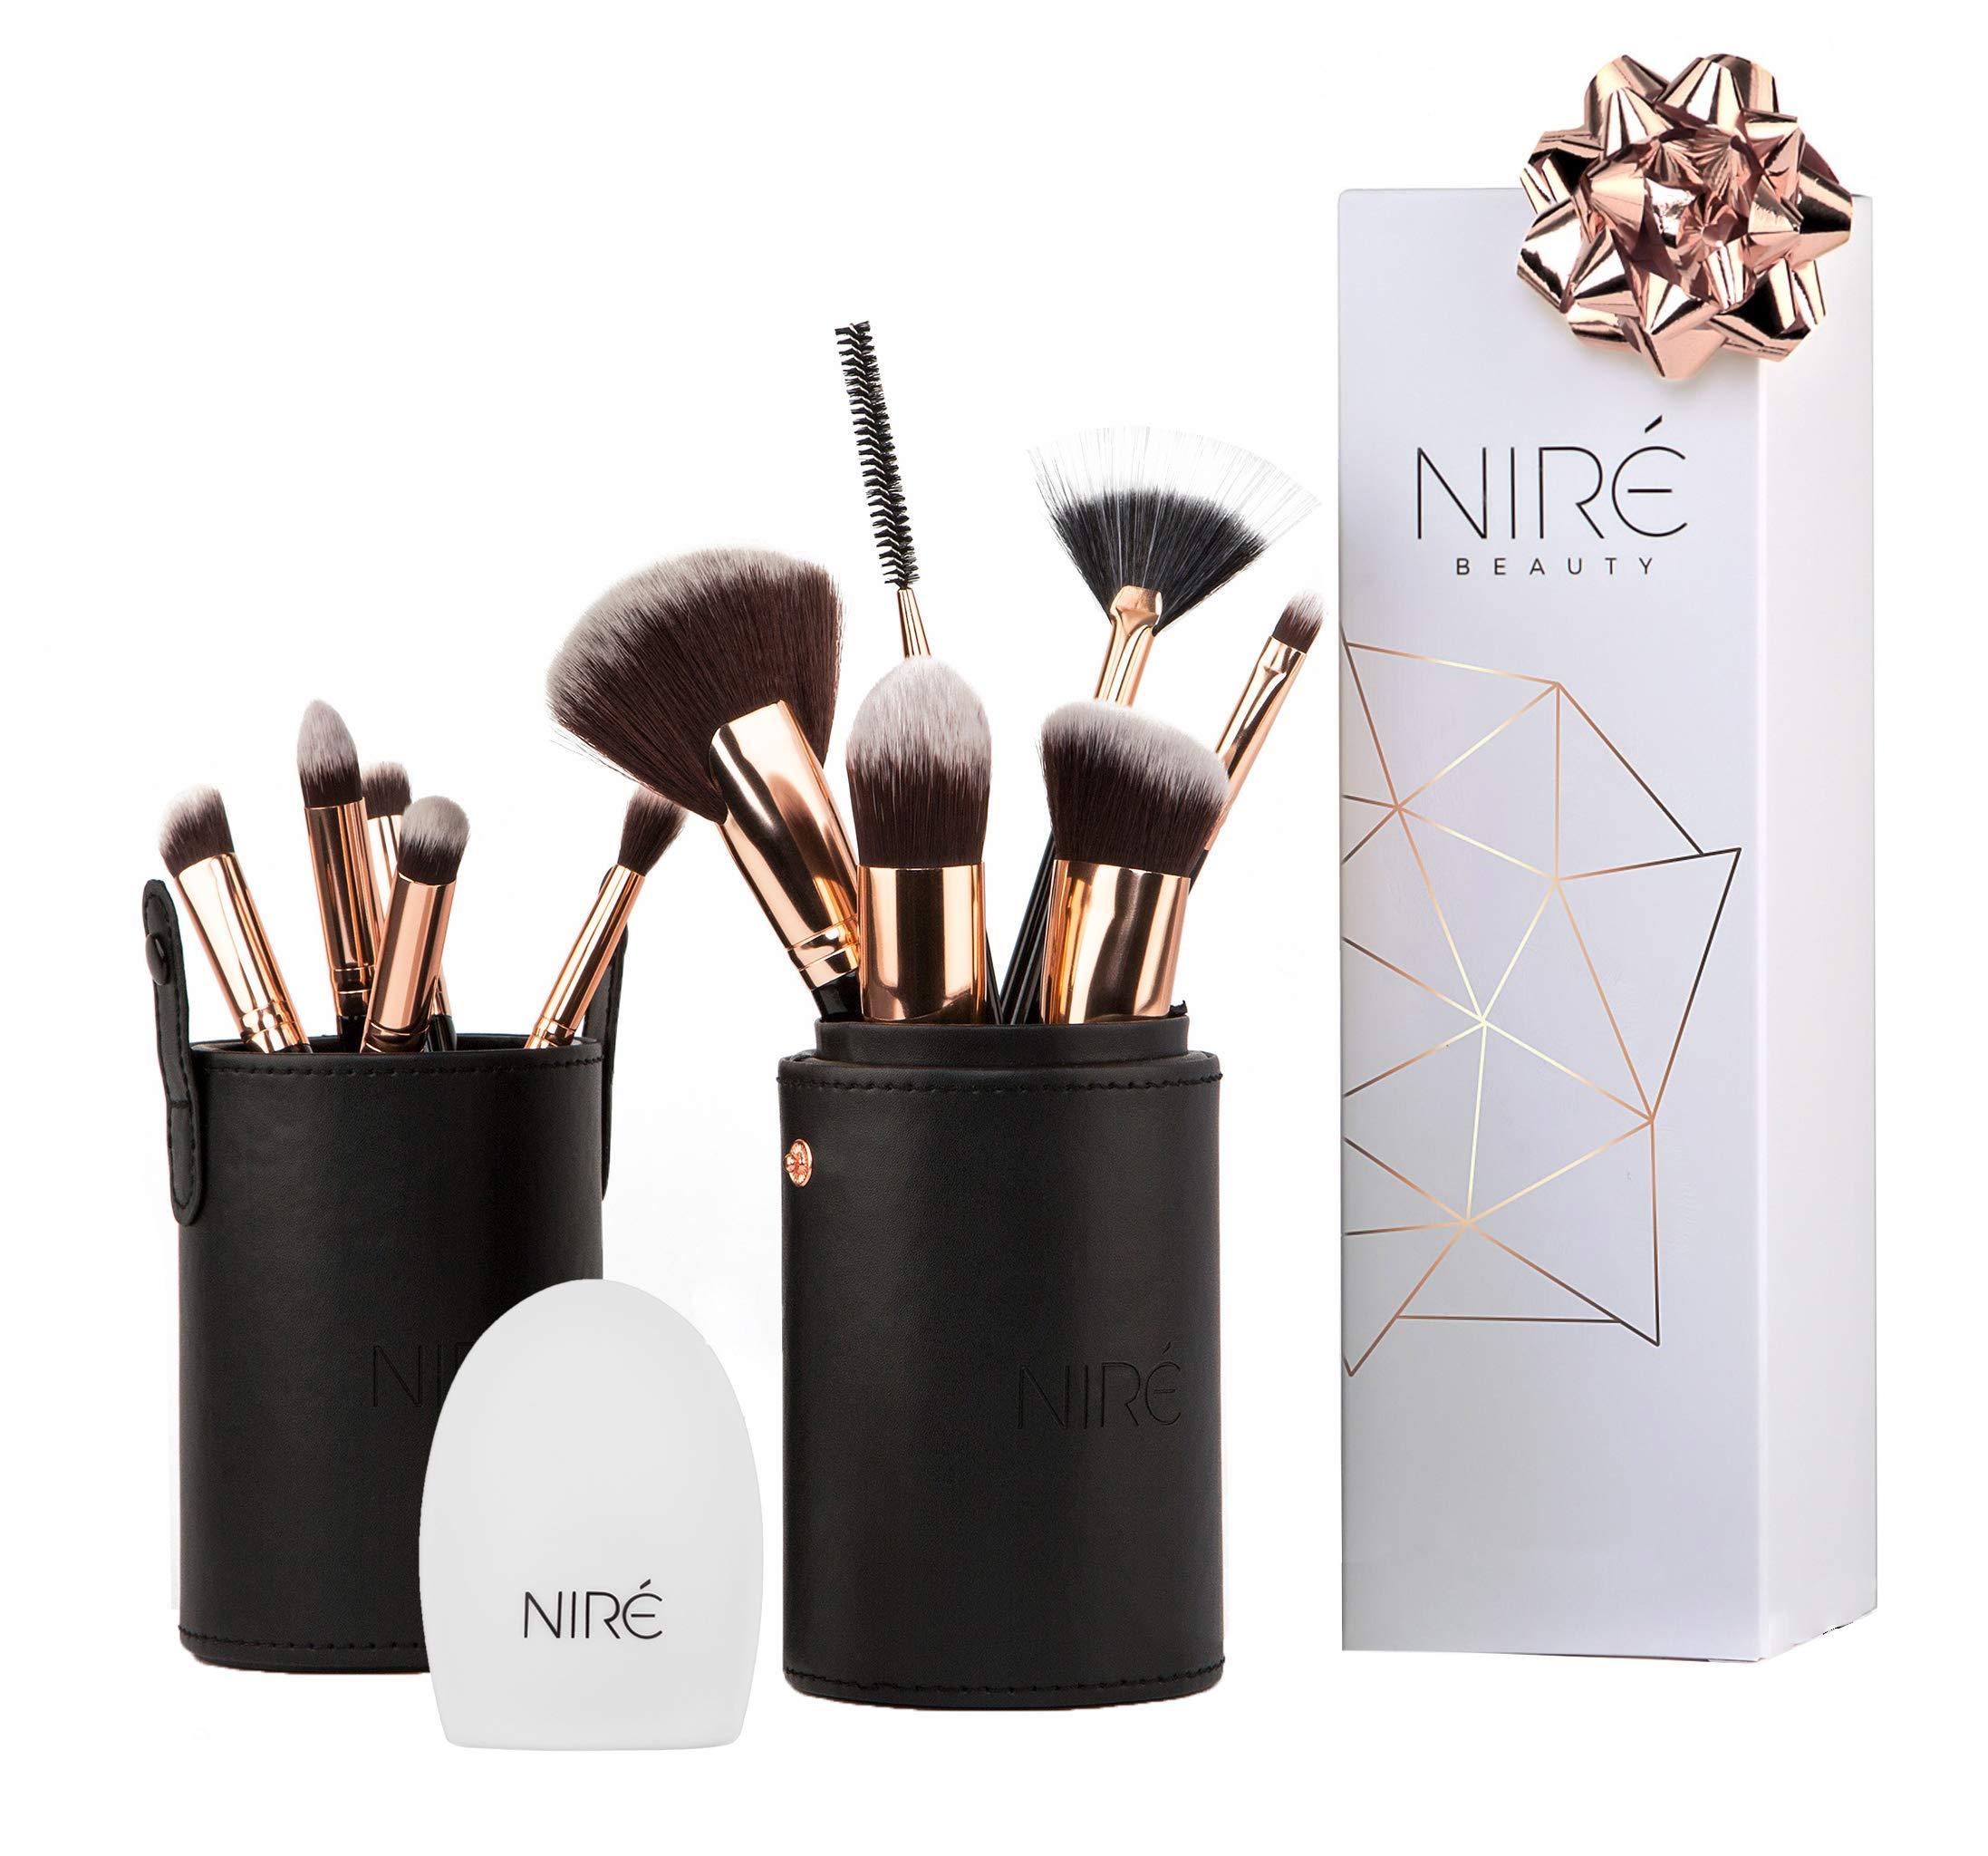 adc22f1f8 Niré Set de Brochas de Maquillaje Kabuki con Estuche y Limpiador de Brochas  product image